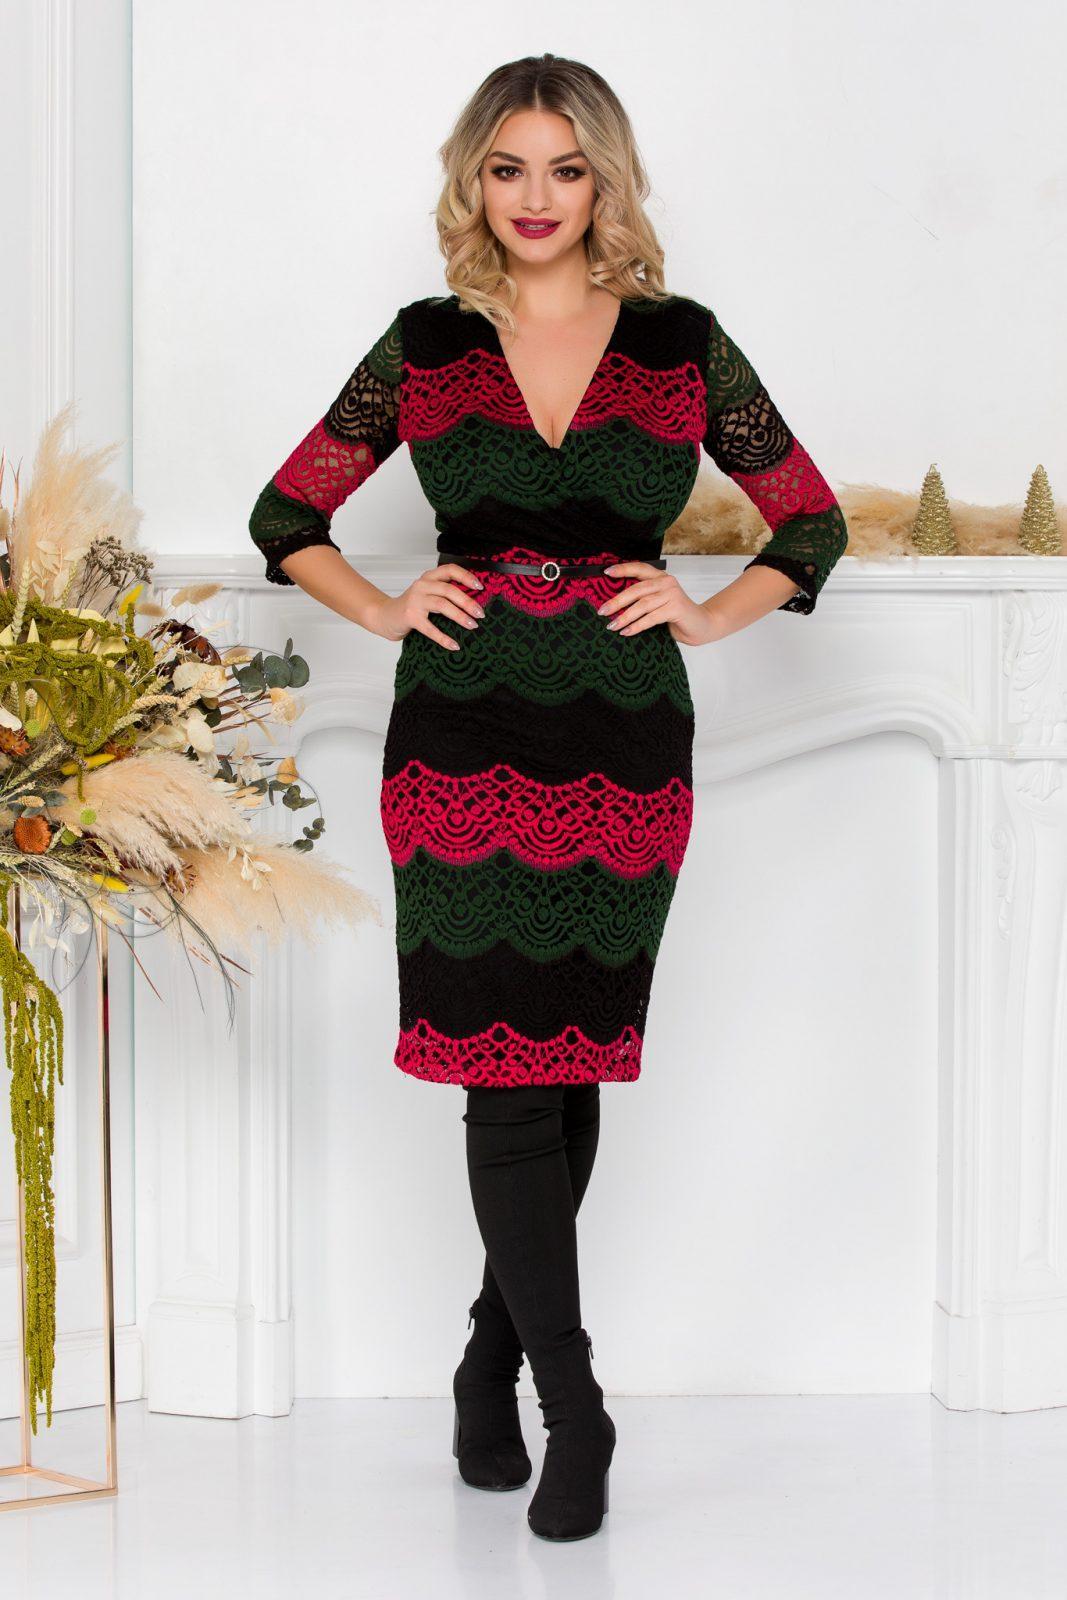 Μίντι Κρουαζέ Φόρεμα Από Δαντέλα Veronika 8930 2